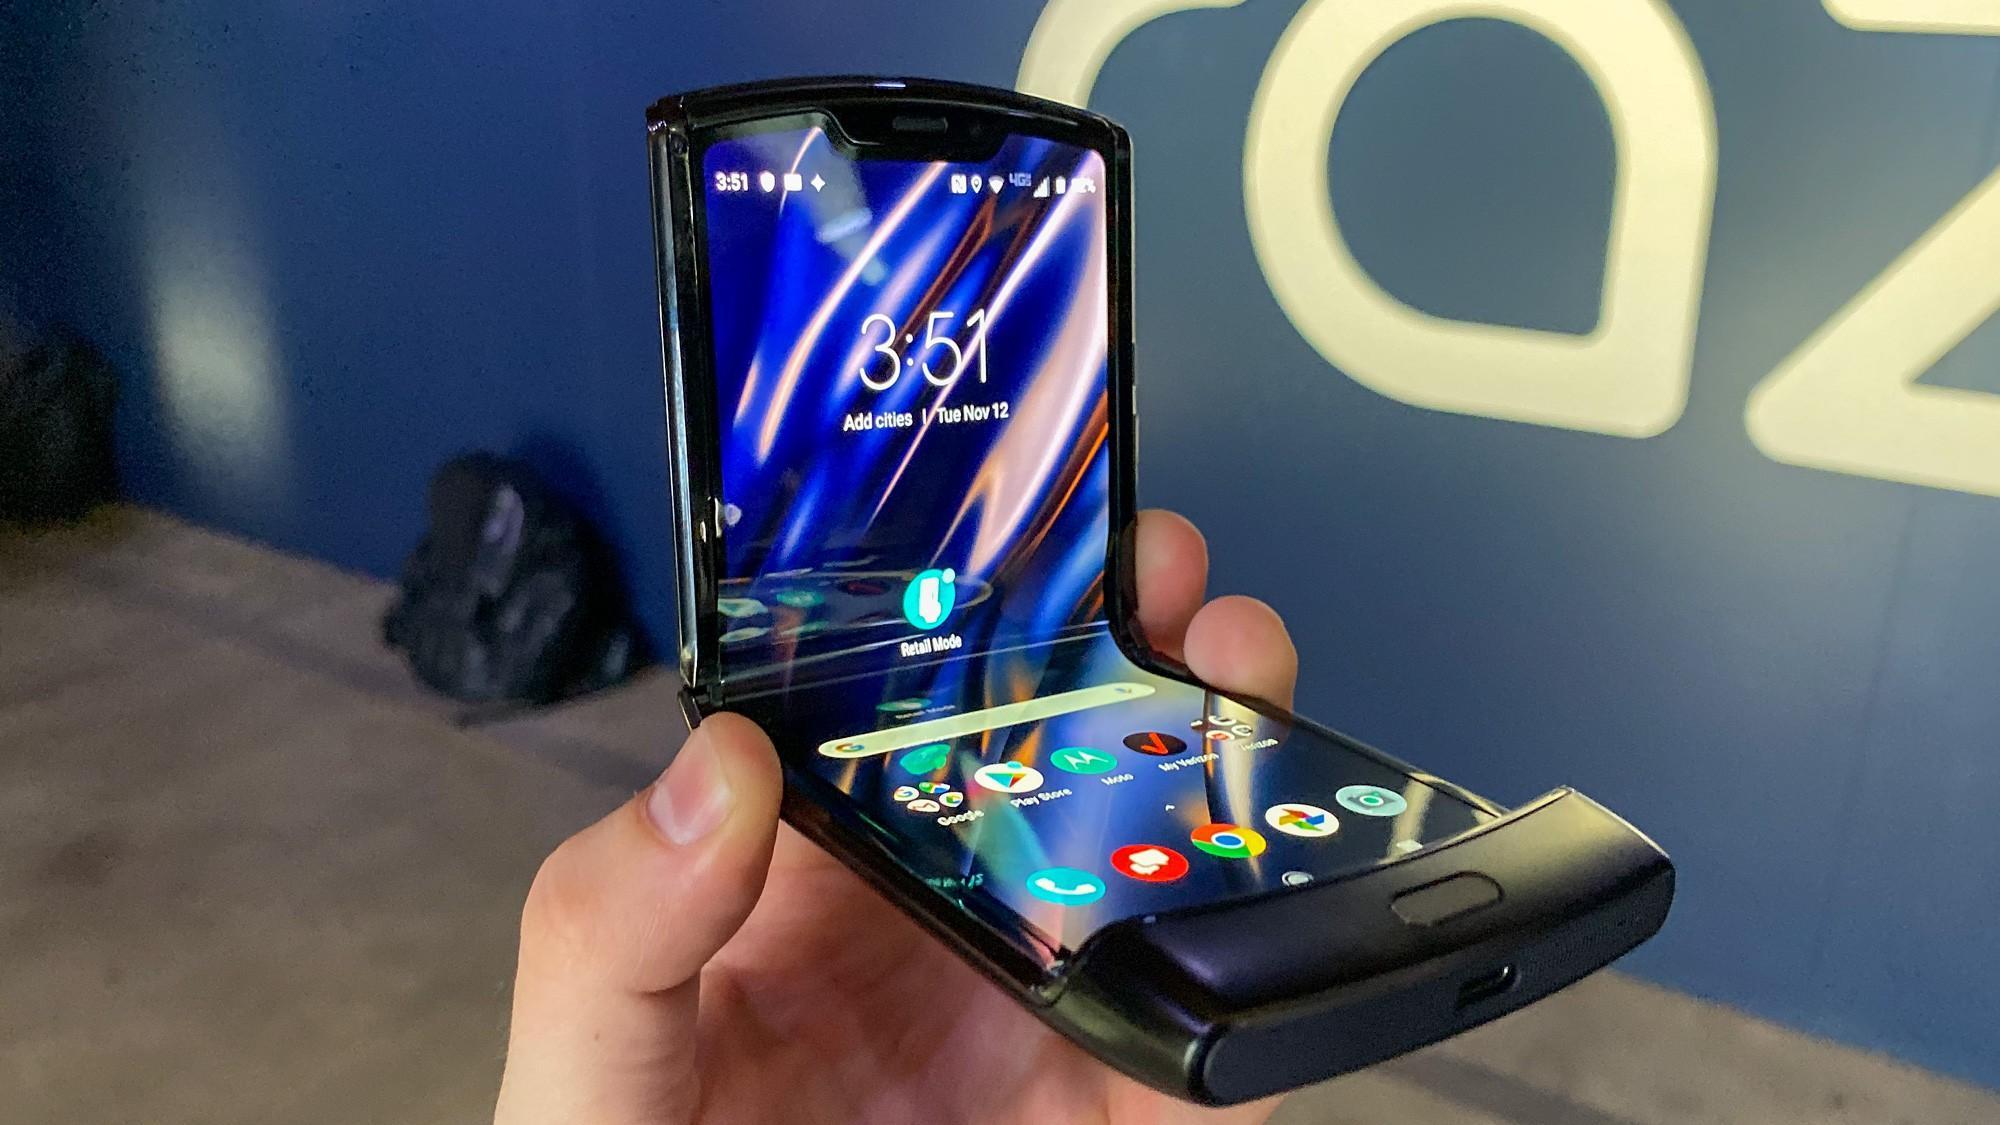 Điện thoại gập Motorola Razr sẽ lên kệ vào ngày 6/2 sau quá trình trì hoãn Ảnh 4